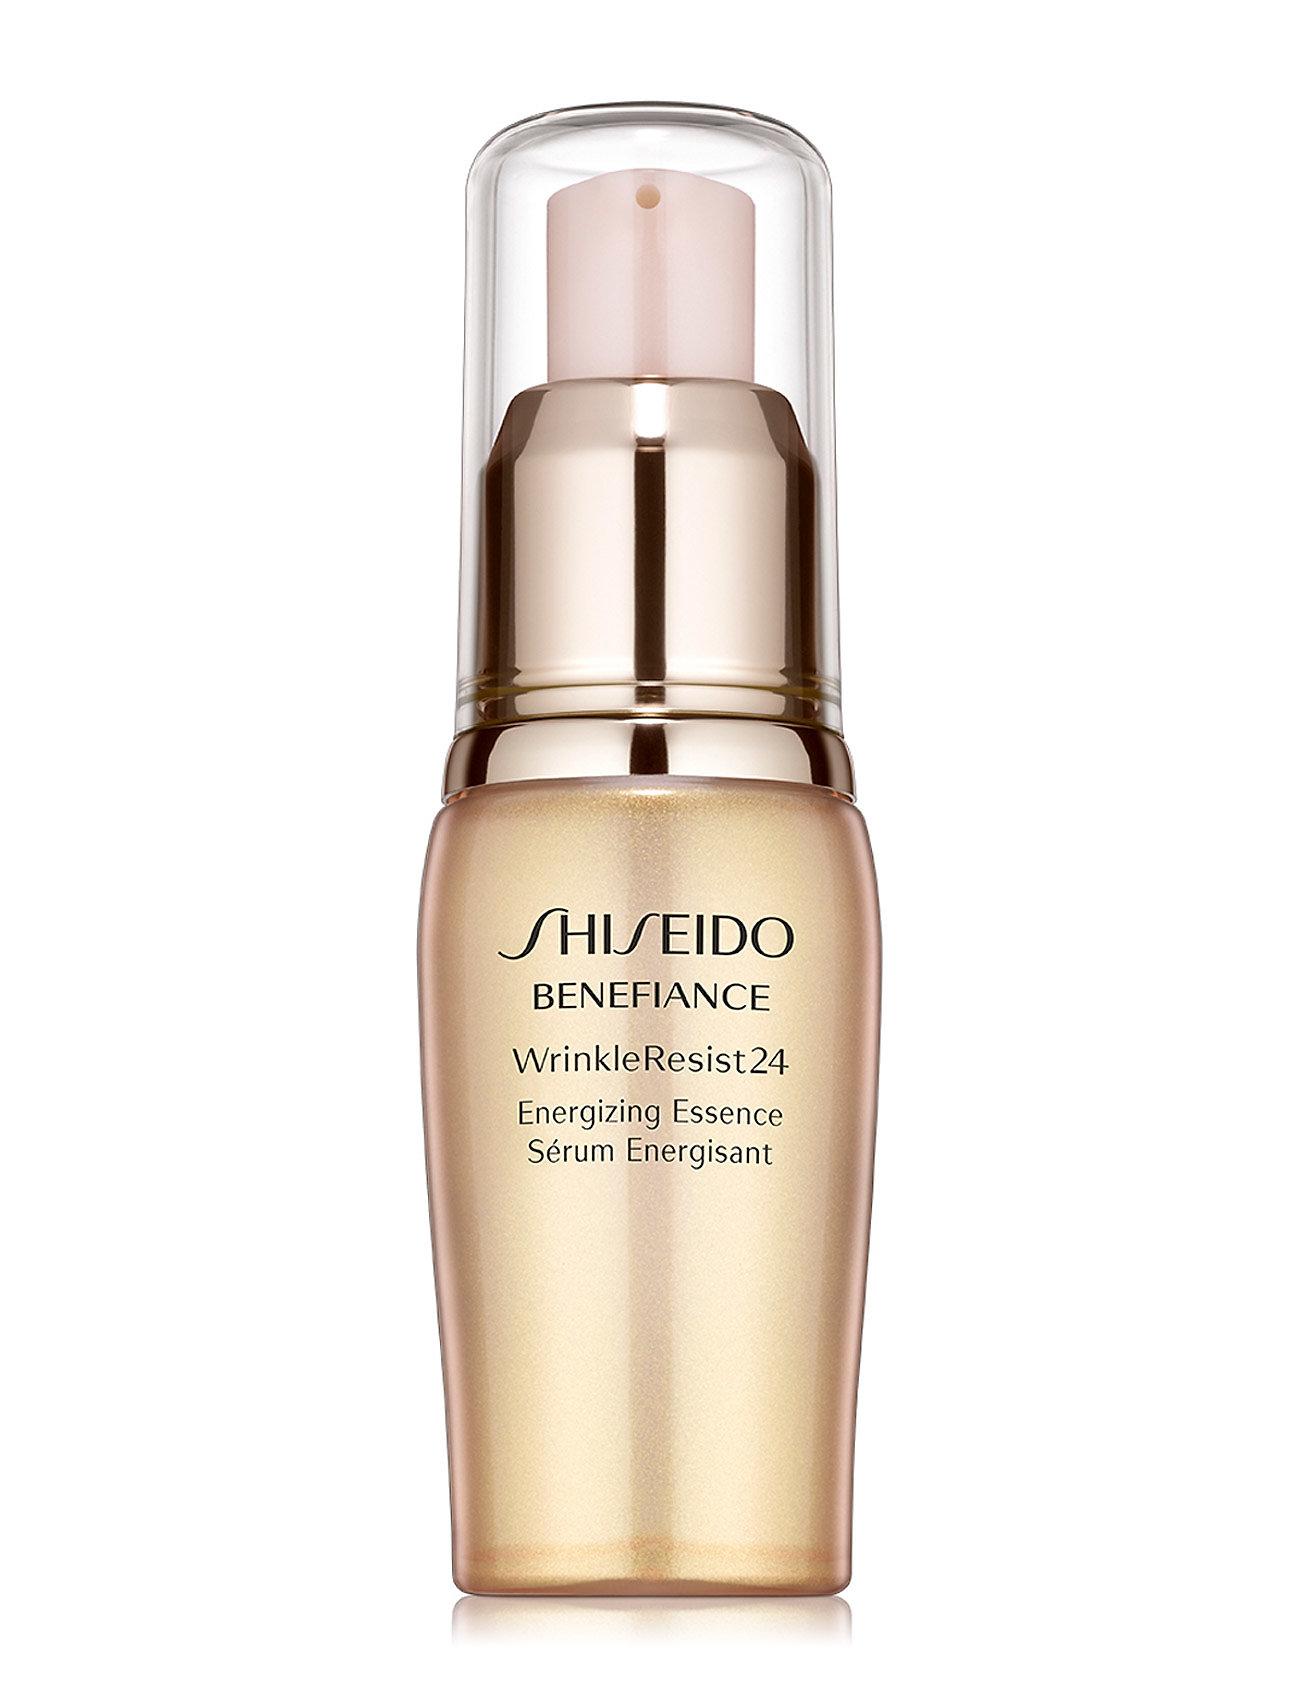 Shiseido Benefiance Wr24 Energizing (2604347917)